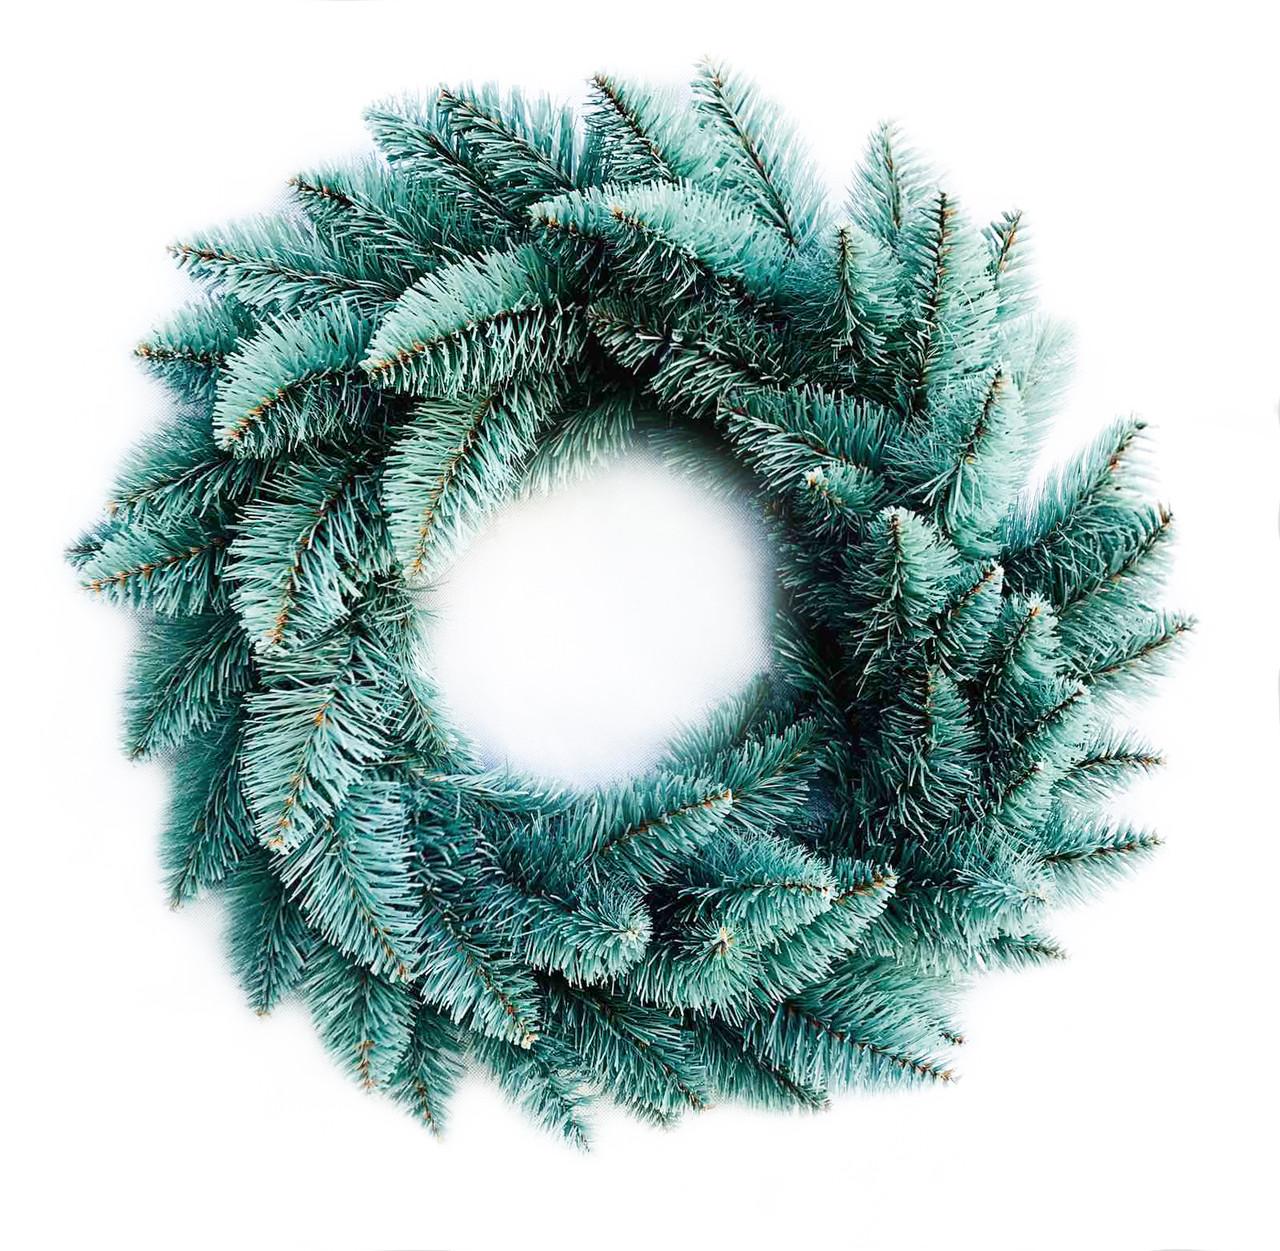 Вінок новорічний різдвяний Elegant з штучної хвої (блакитний, Ø 50 см)